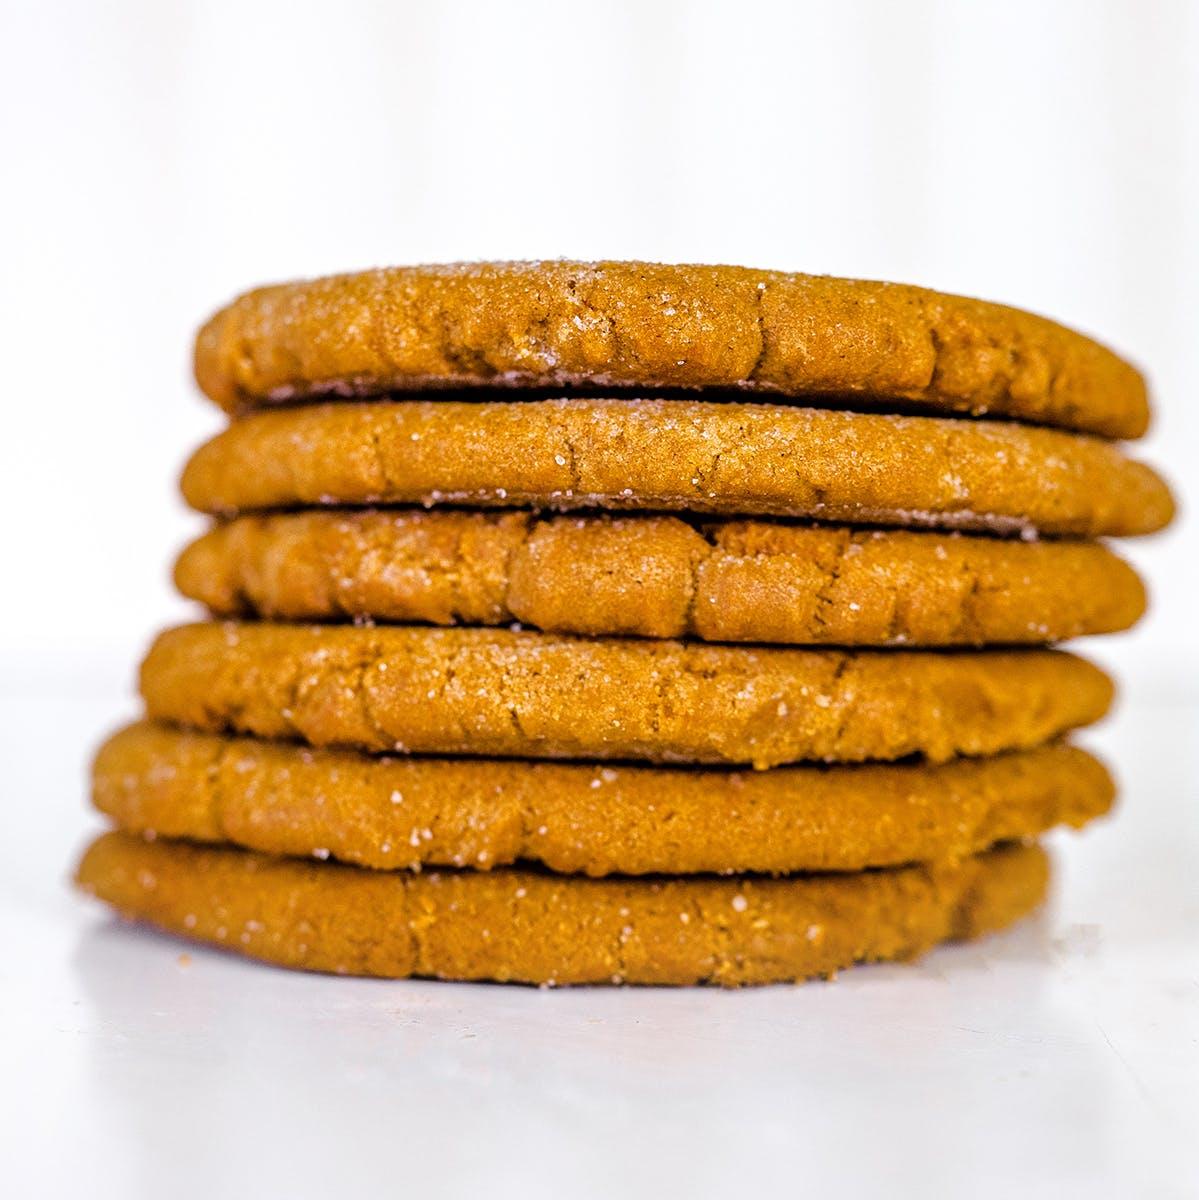 Gladys' Bakery - Texas Sized Molasses Cookies - Dozen